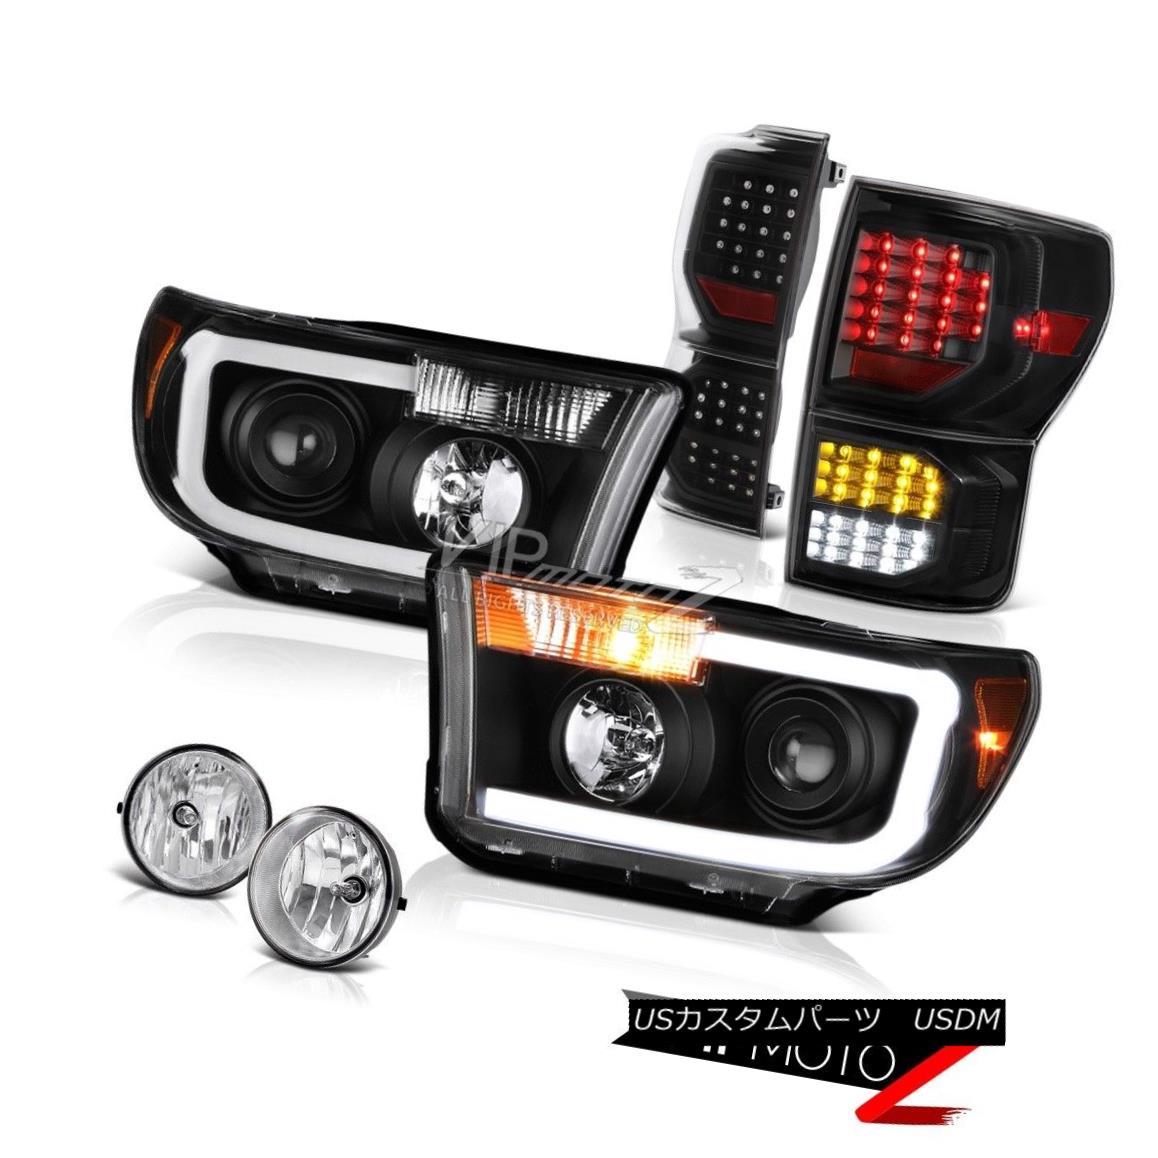 ヘッドライト 07-13 Toyota Tundra Platinum Tail Brake Lamps Headlamps Fog Lights Crystal Lens 07-13トヨタトンドラプラチナテールブレーキランプヘッドランプフォグライトクリスタルレンズ